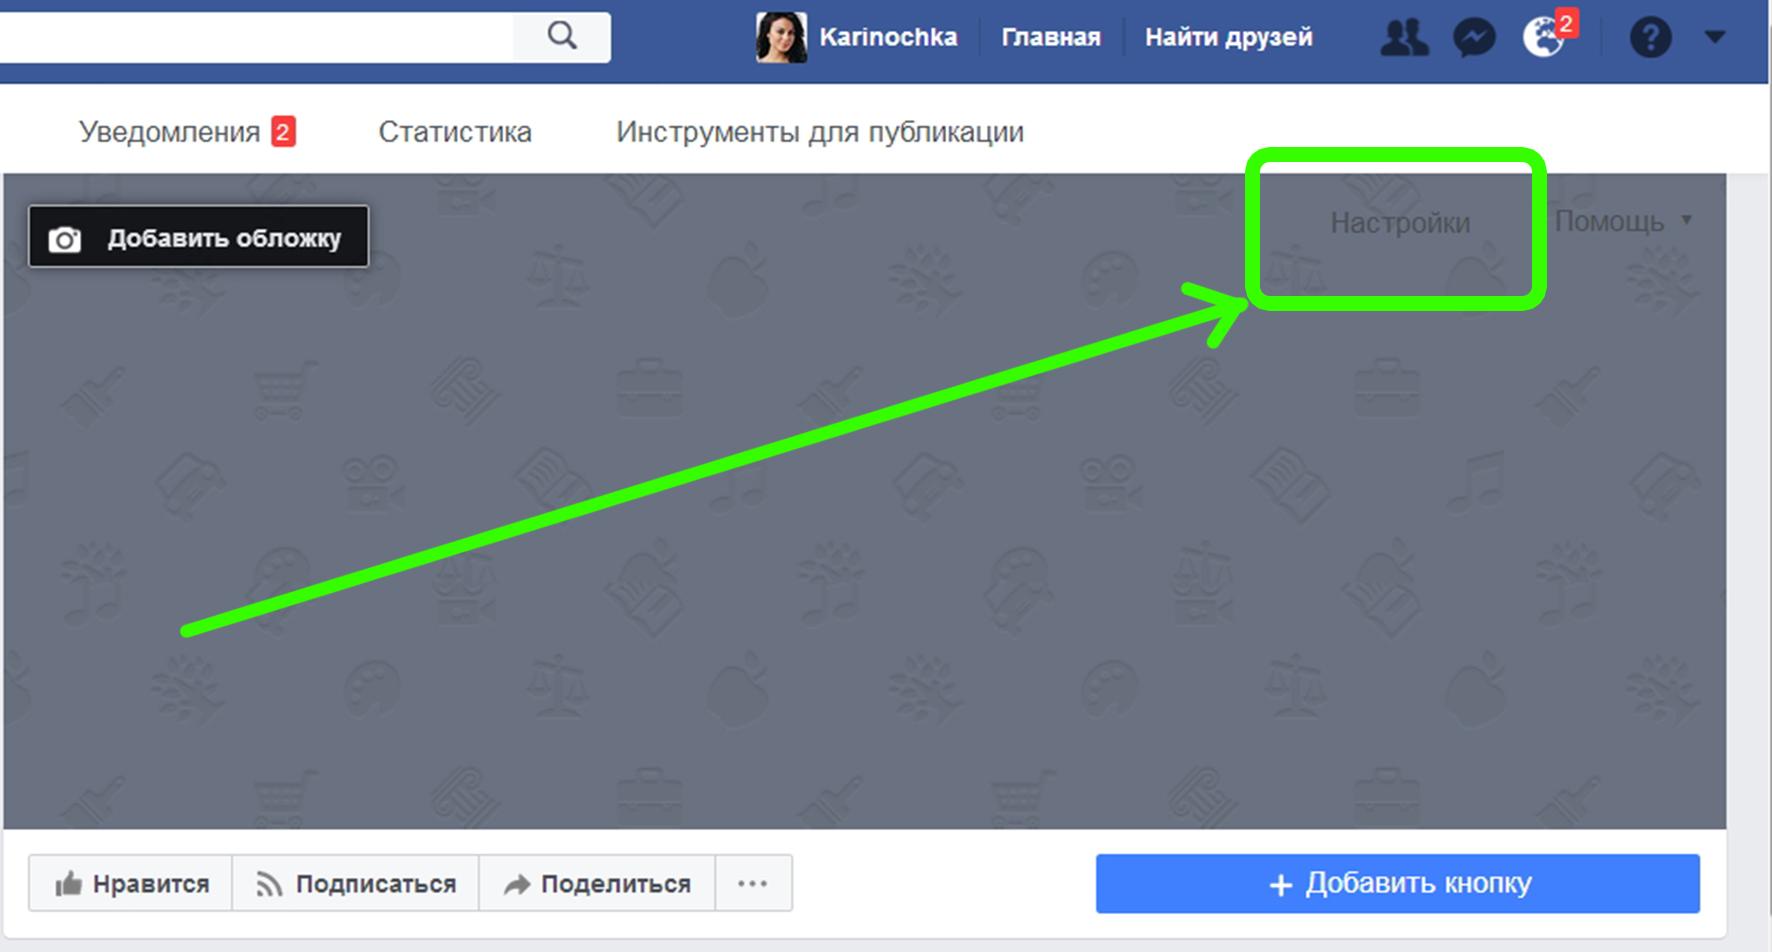 Еще один пример, где в шапке страницы Фейсбук не видно кнопки настроек